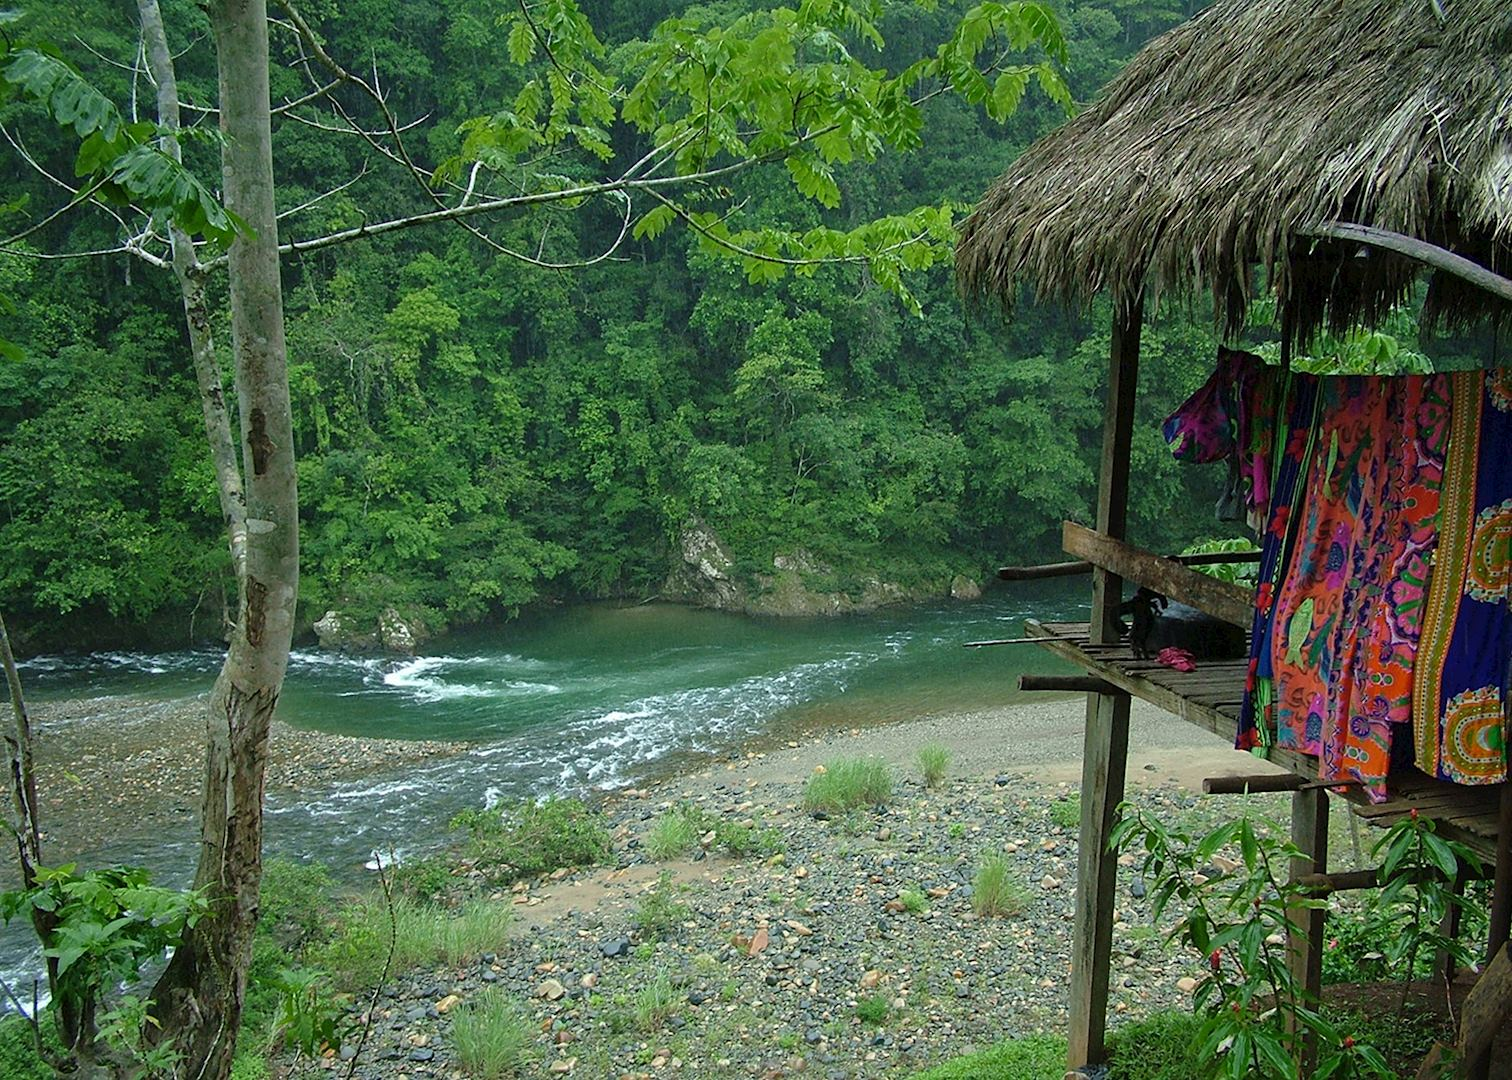 Panama City Tourism: Best of Panama City